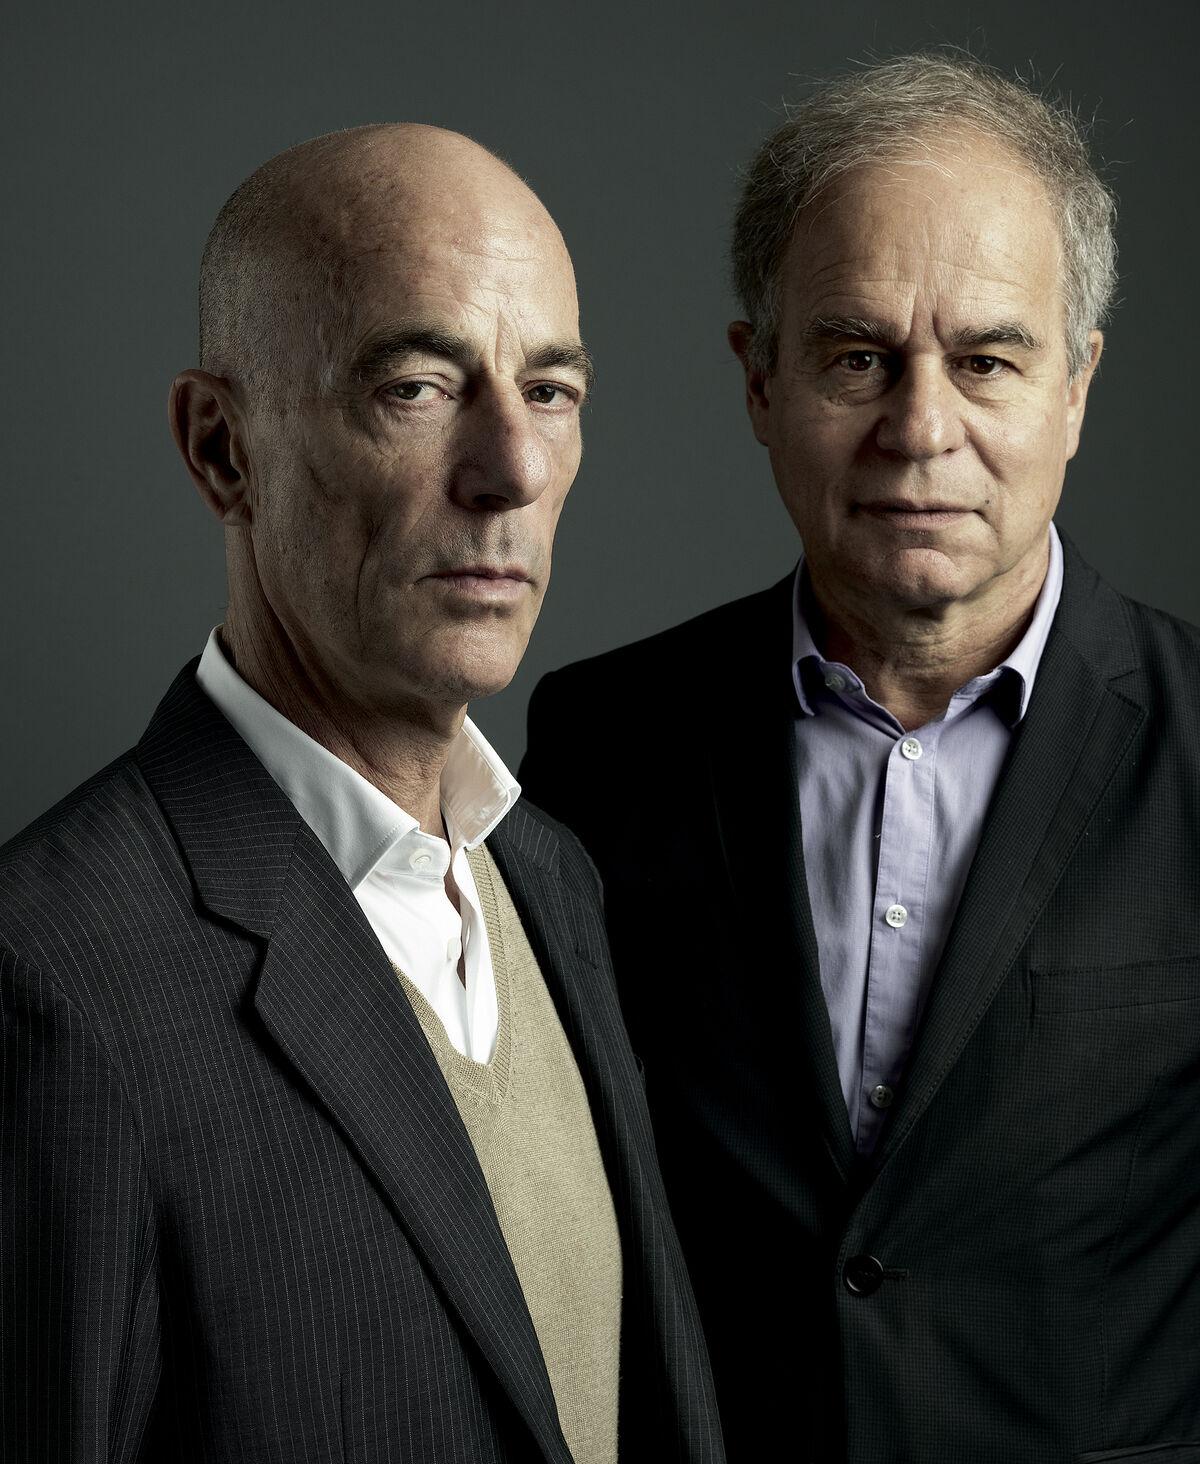 Portrait of Jacques Herzog and Pierre de Meuron. © Marco Grob.